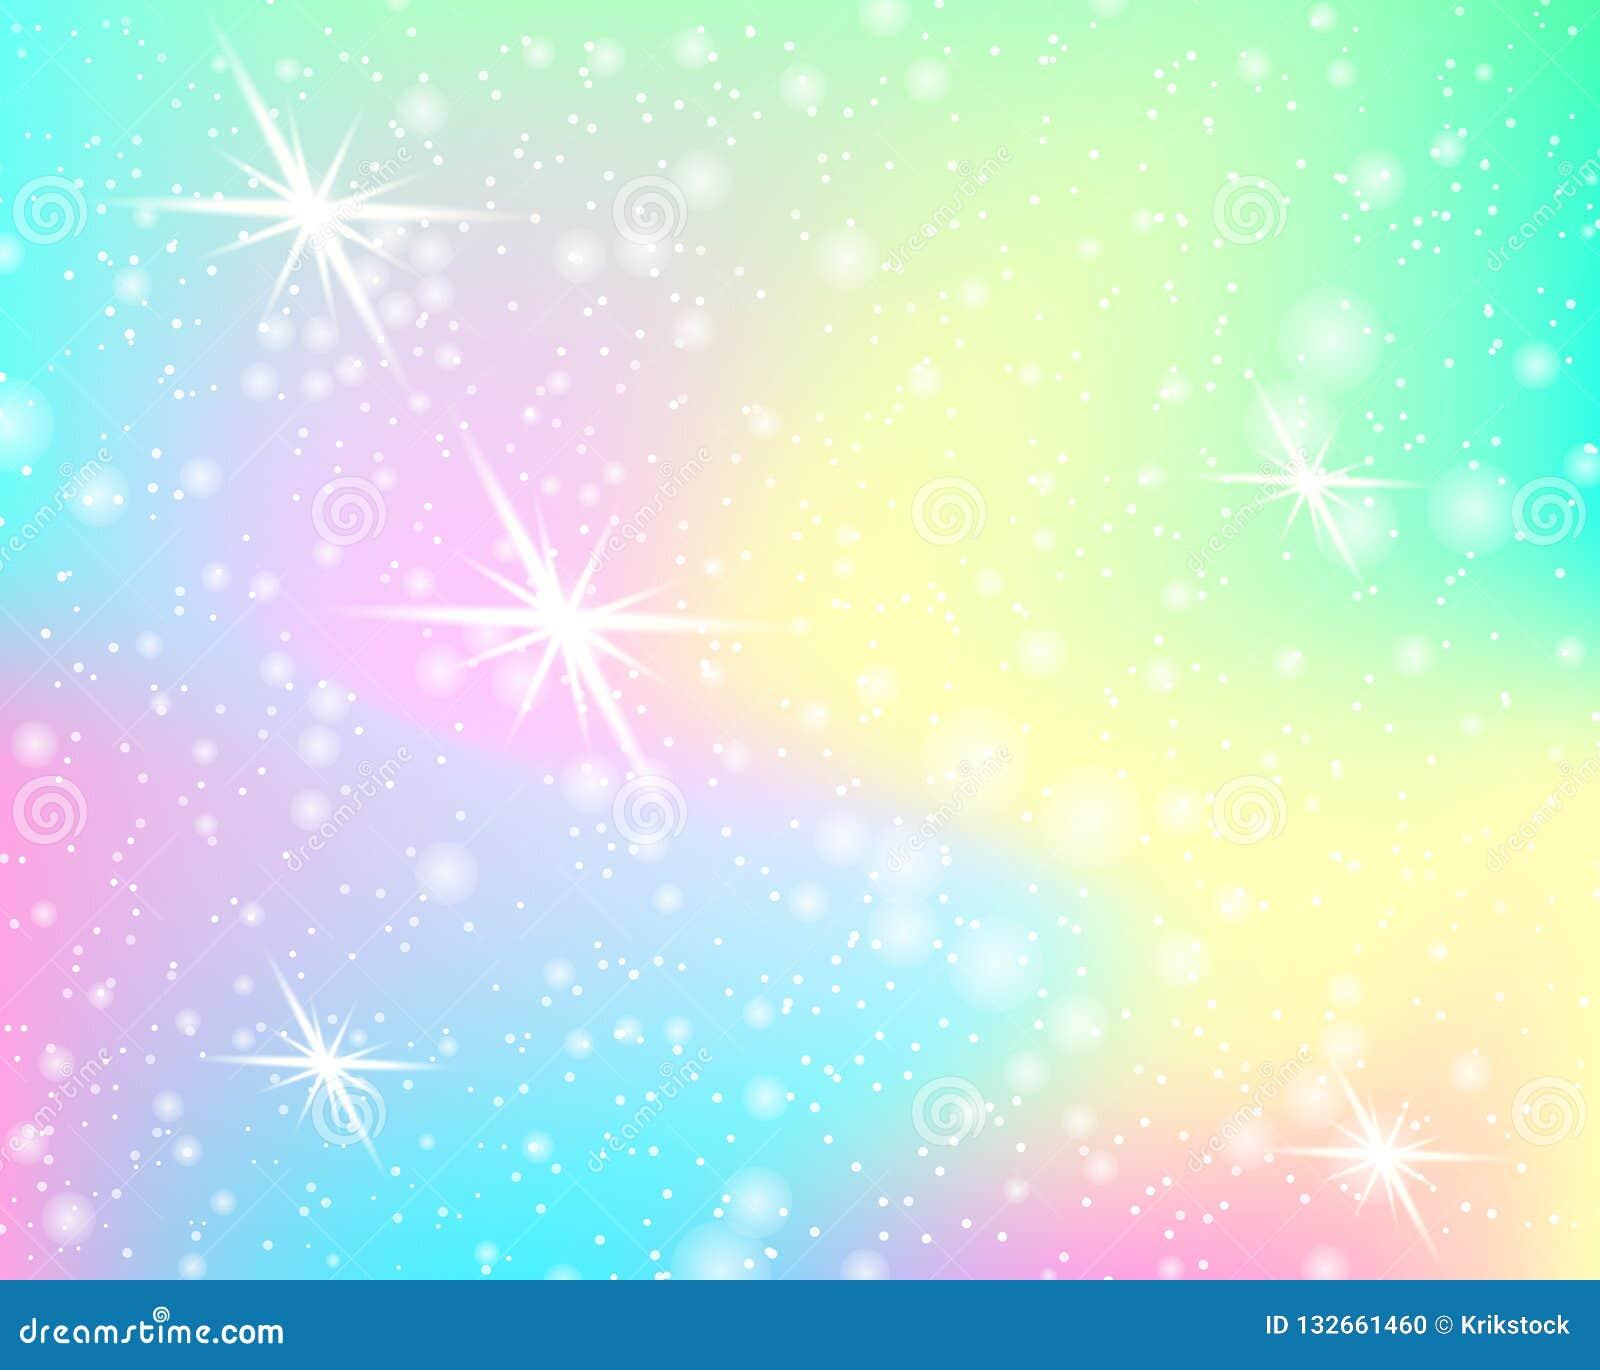 Fundo do arco-íris do unicórnio Teste padrão da sereia em cores da princesa Contexto colorido da fantasia com malha do arco-íris